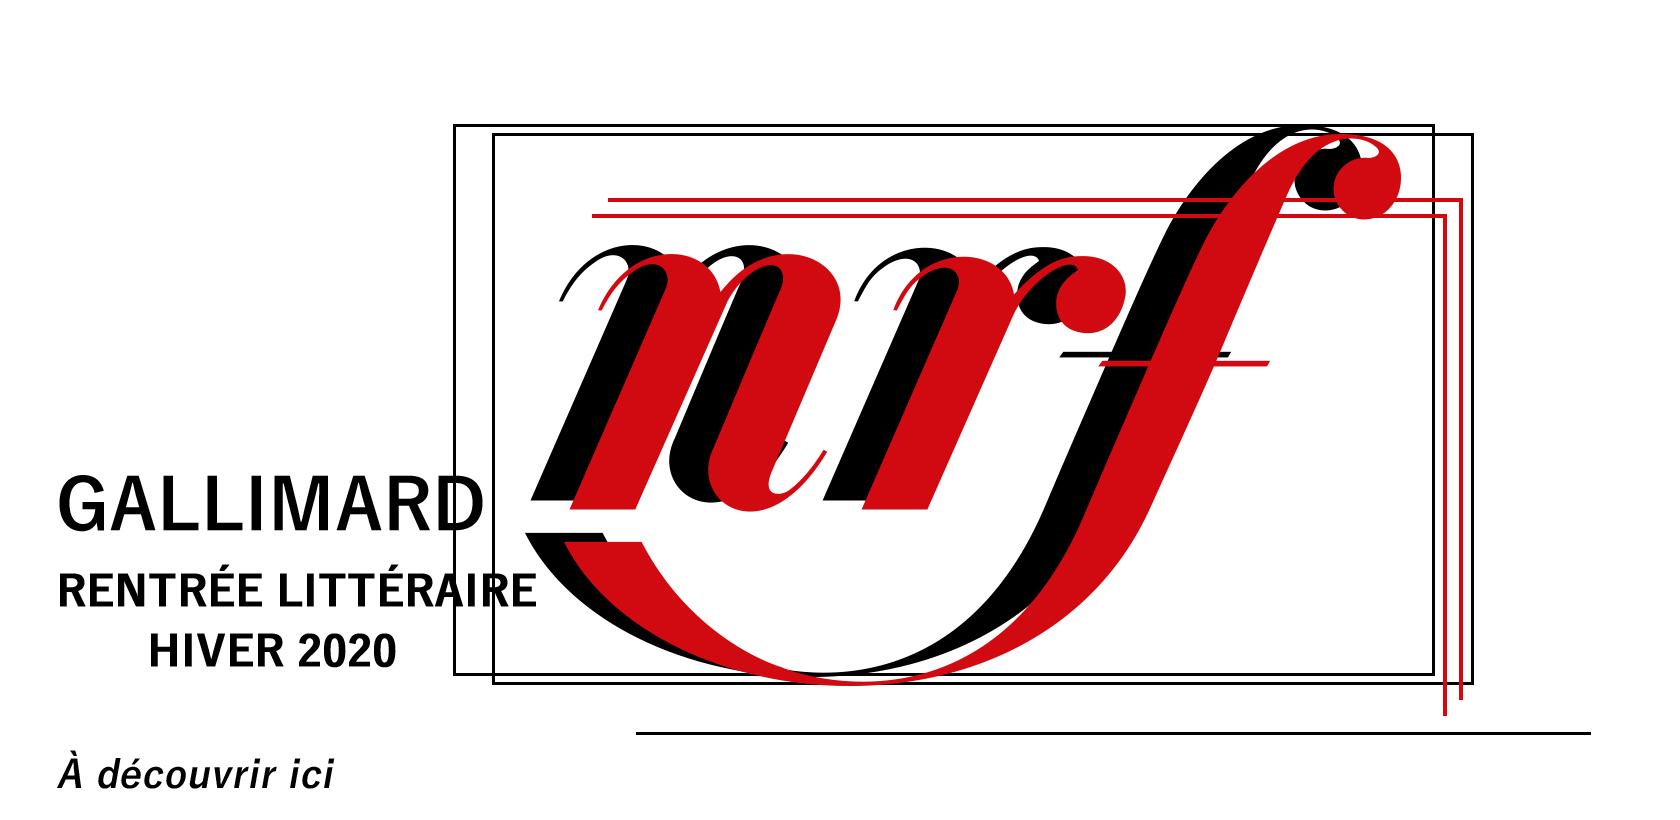 Rentrée Gallimard 2020 à la librairie Gallimard